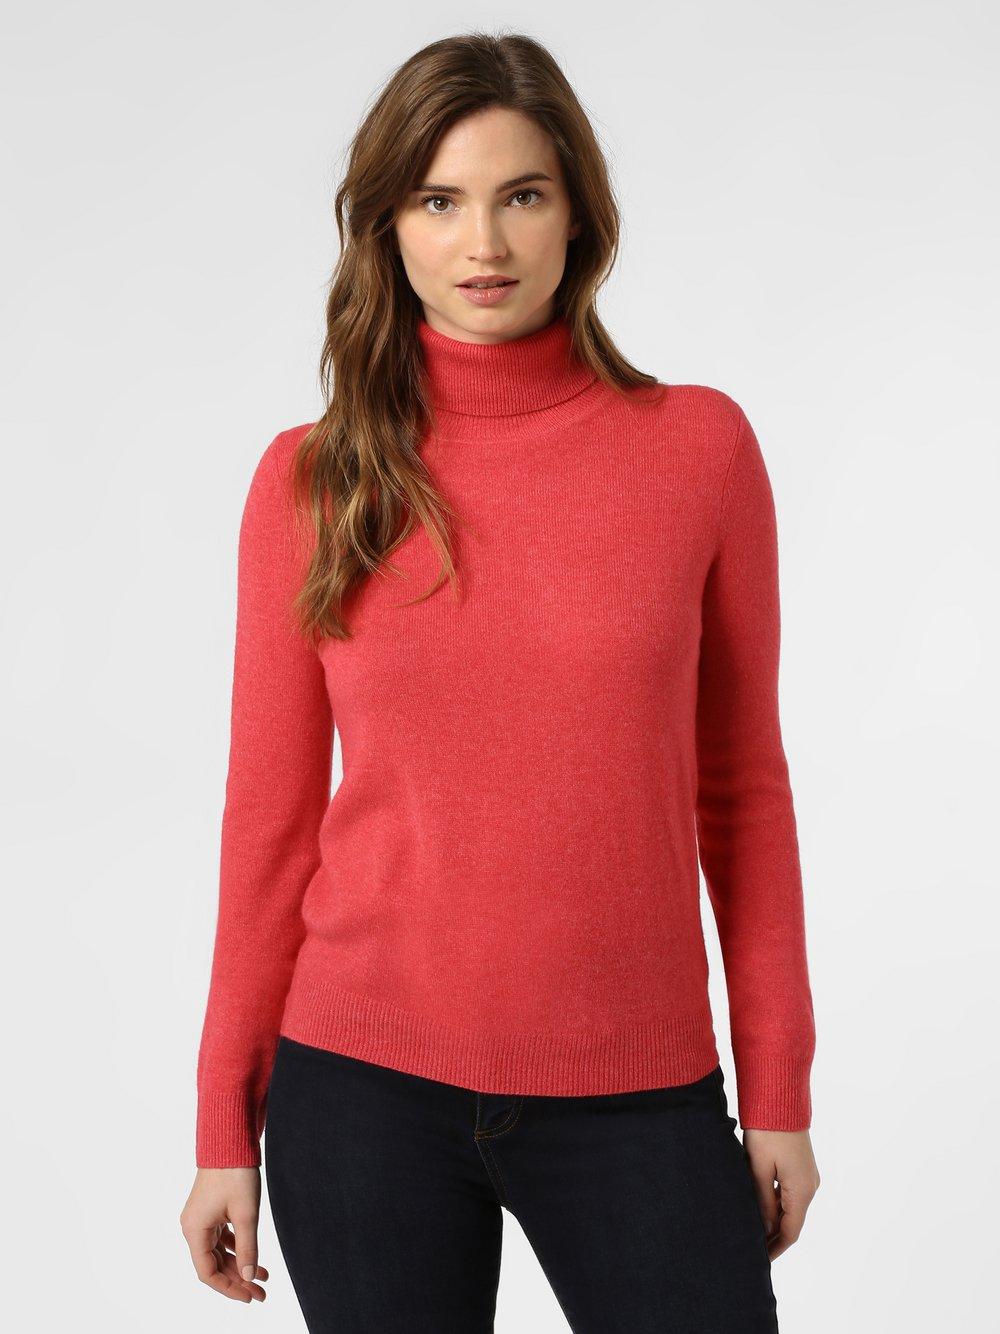 Franco Callegari - Sweter damski z czystego kaszmiru, czerwony